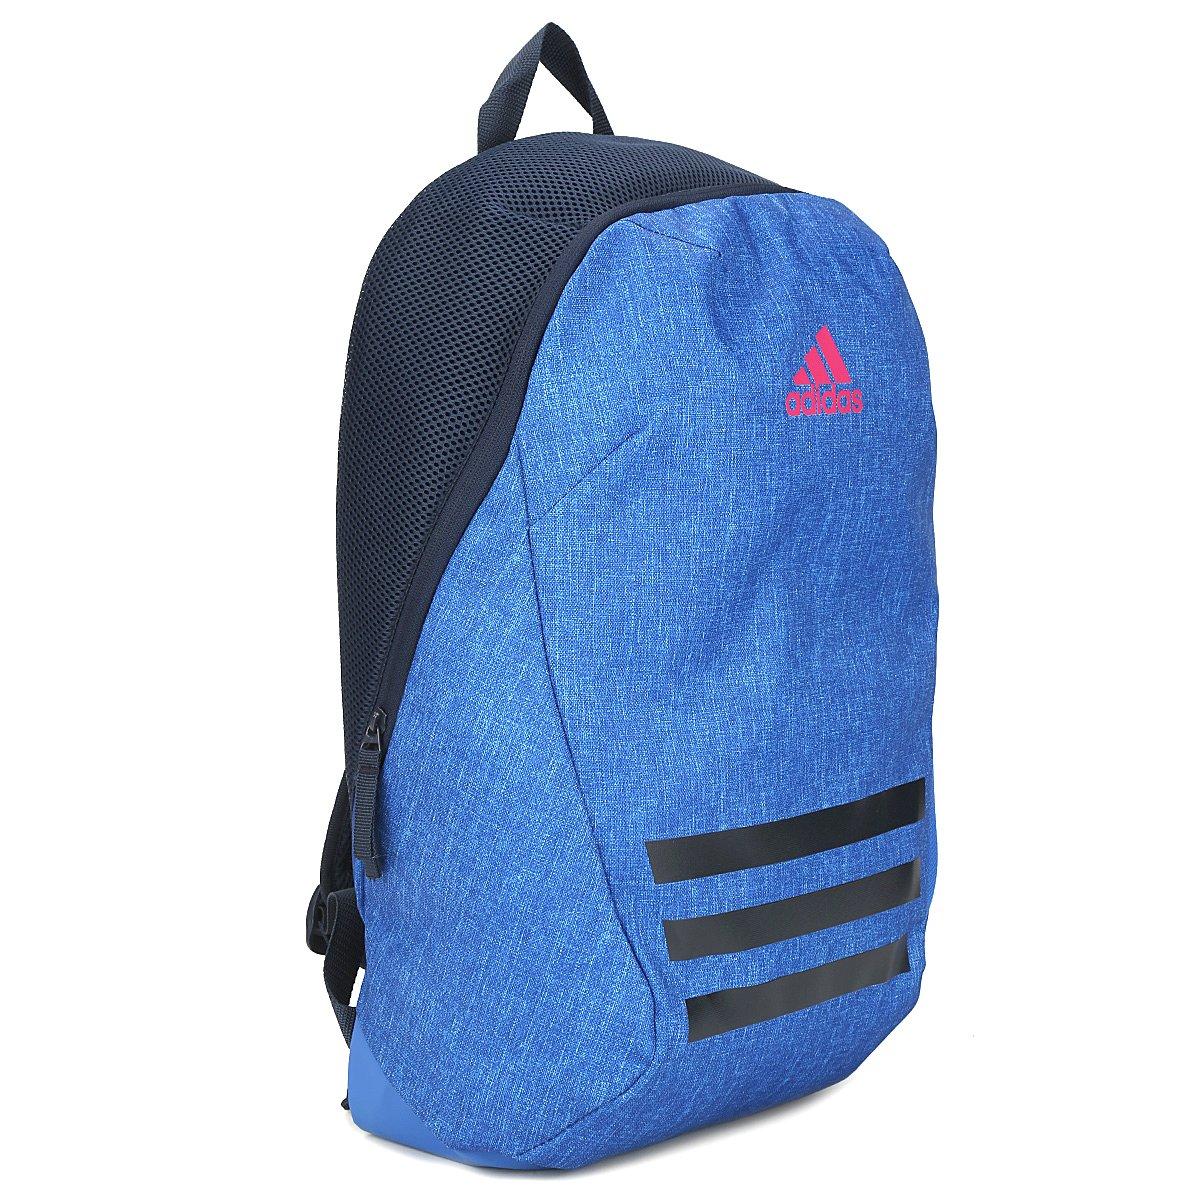 869453054 Mochila Adidas Ace 17.2 | Livelo -Sua Vida com Mais Recompensas